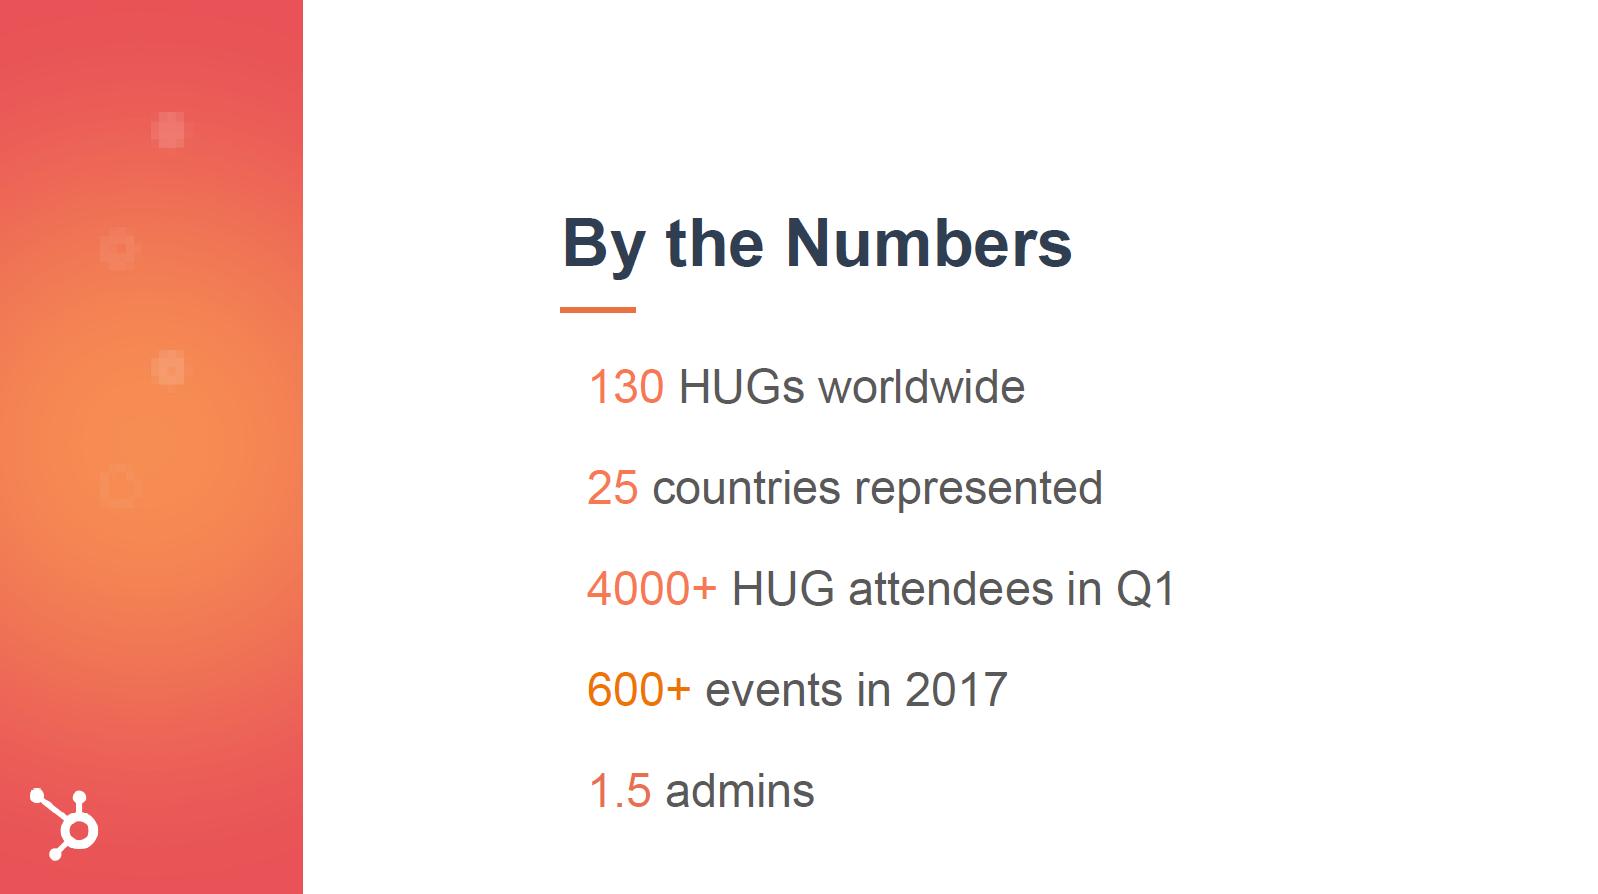 hug-hubspot-in-numbers